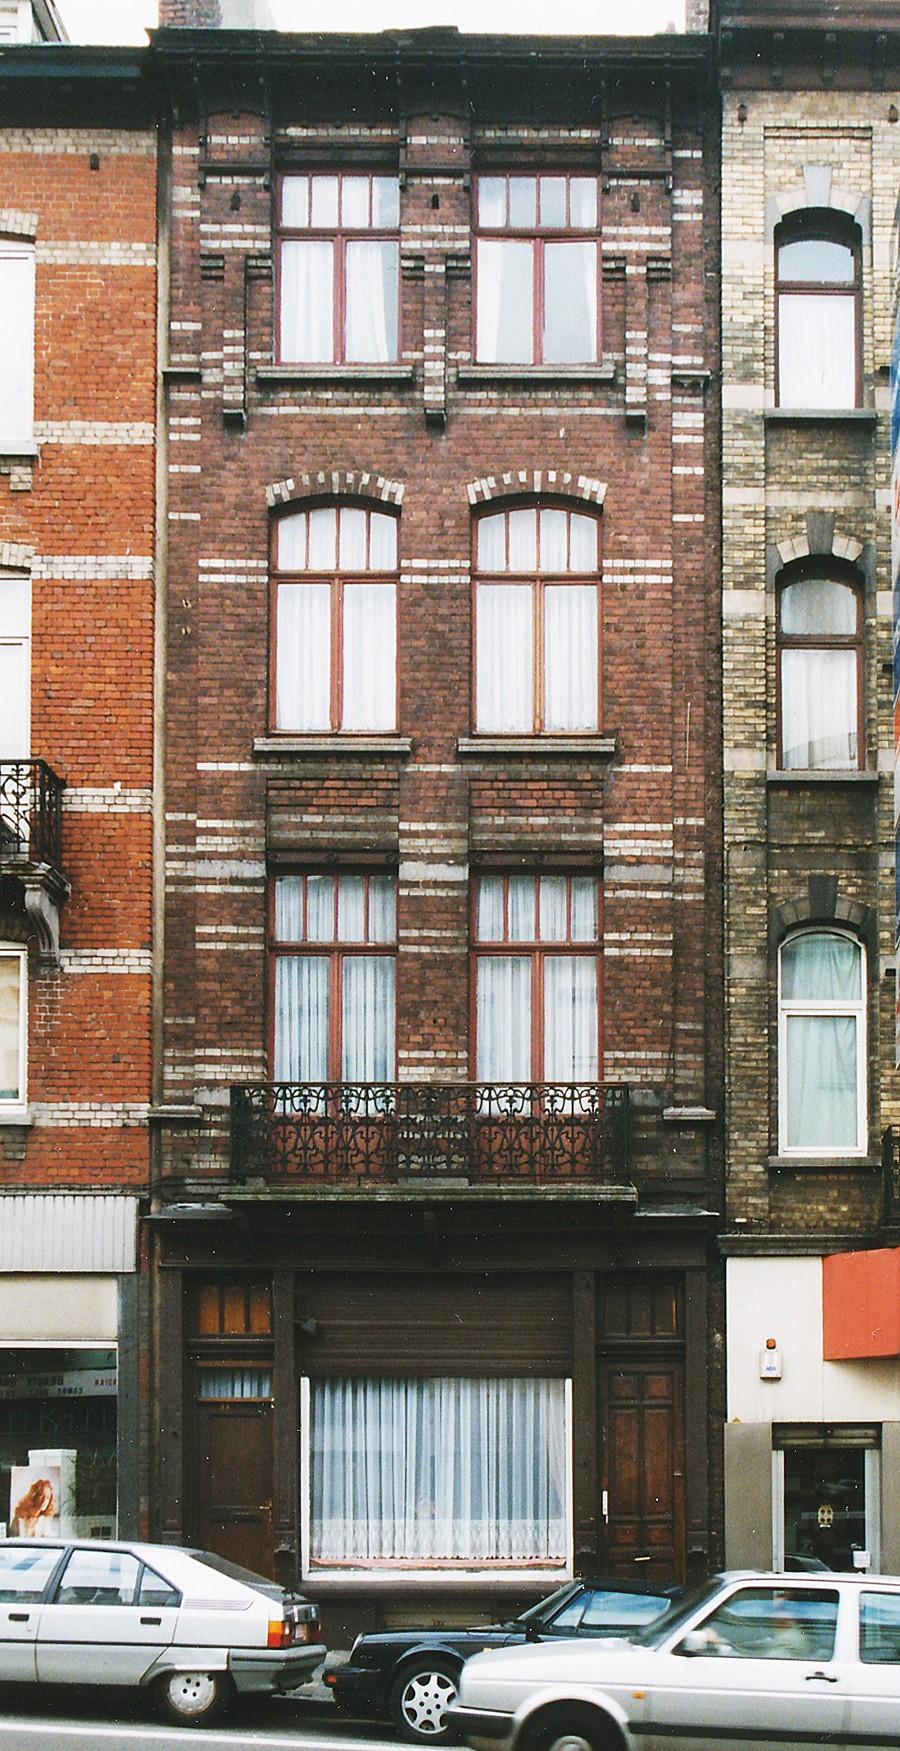 Chauss e de louvain 332 334 bruxelles extension est - Garage chaussee de bruxelles dampremy ...